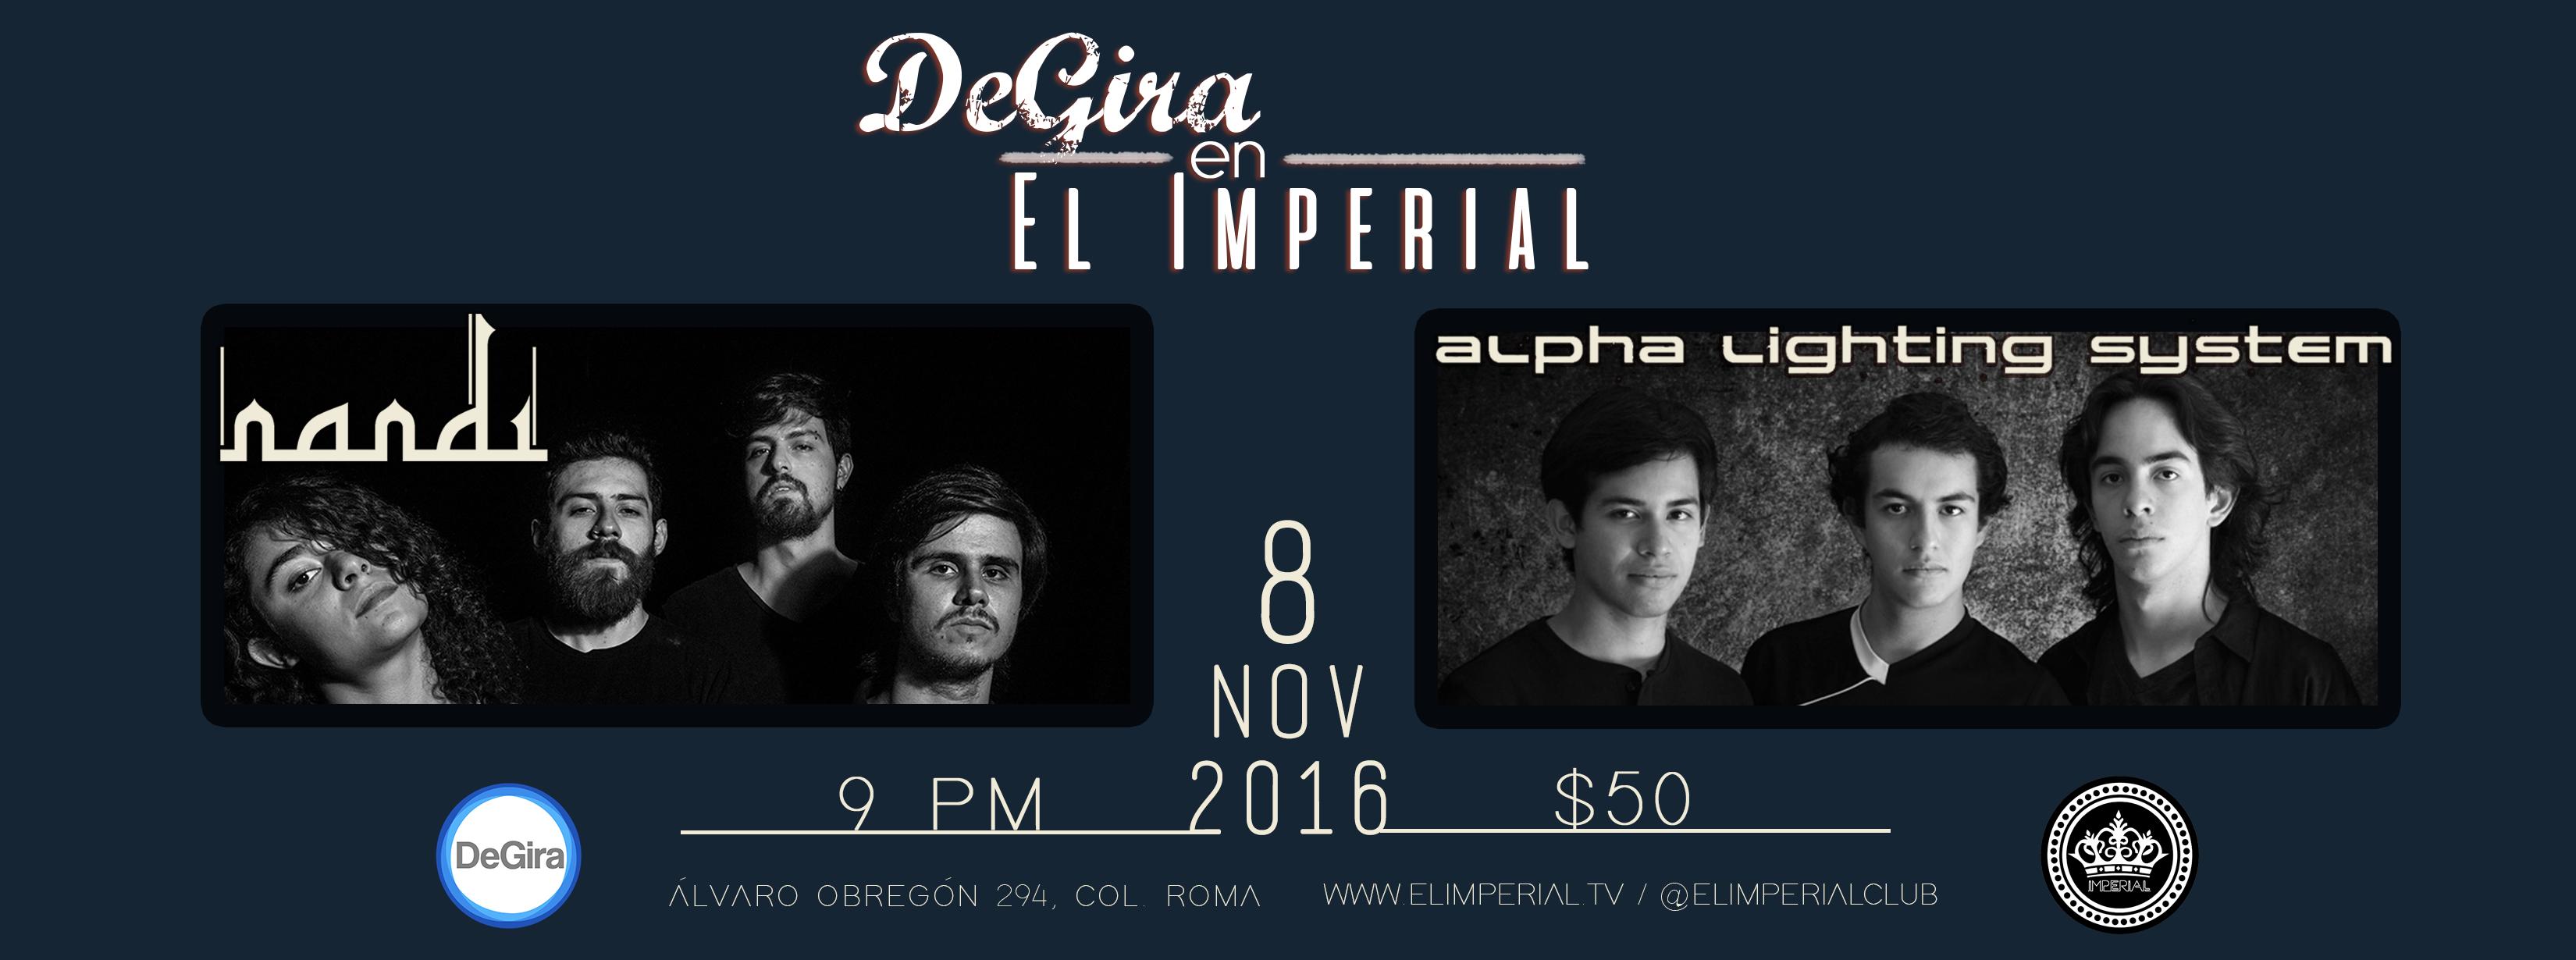 banner-fb-degira-en-el-imperial-8-nov-2016